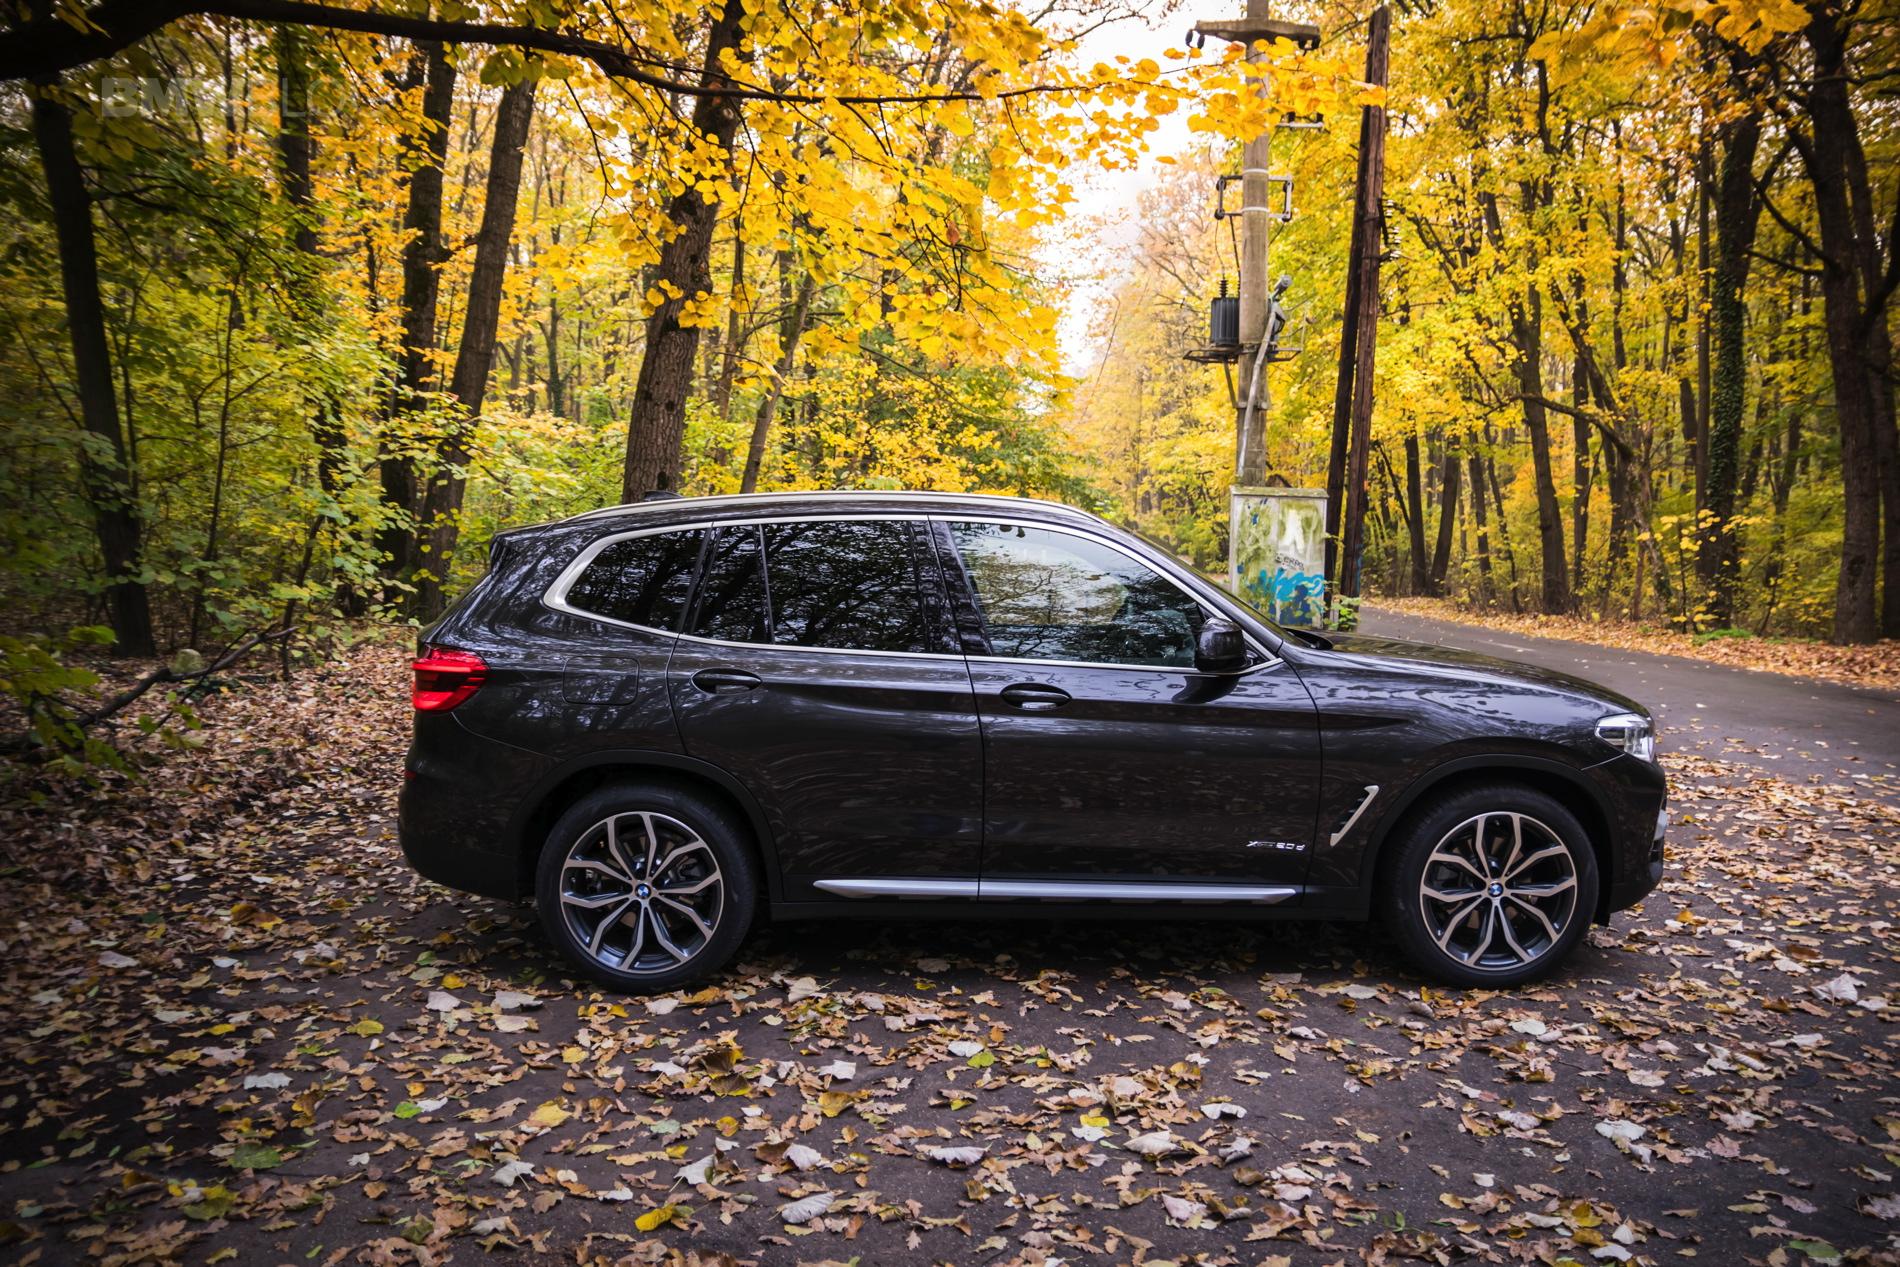 2017 BMW X3 xDrive20d test drive review 27